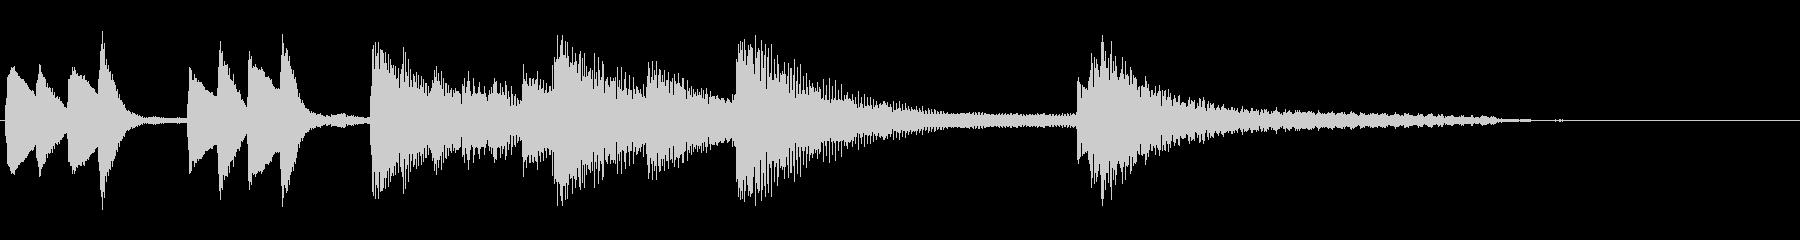 軽やかで優しいピアノのジングルの未再生の波形